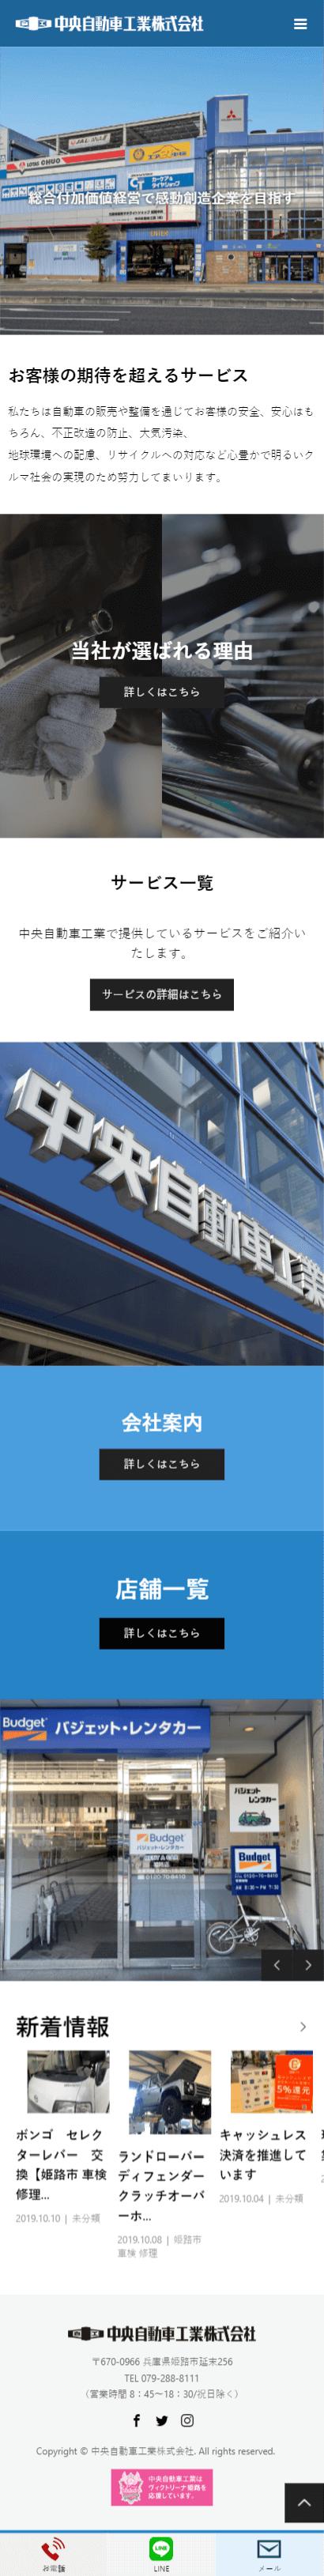 姫路市 中央自動車工業株式会社 ホームページ制作3